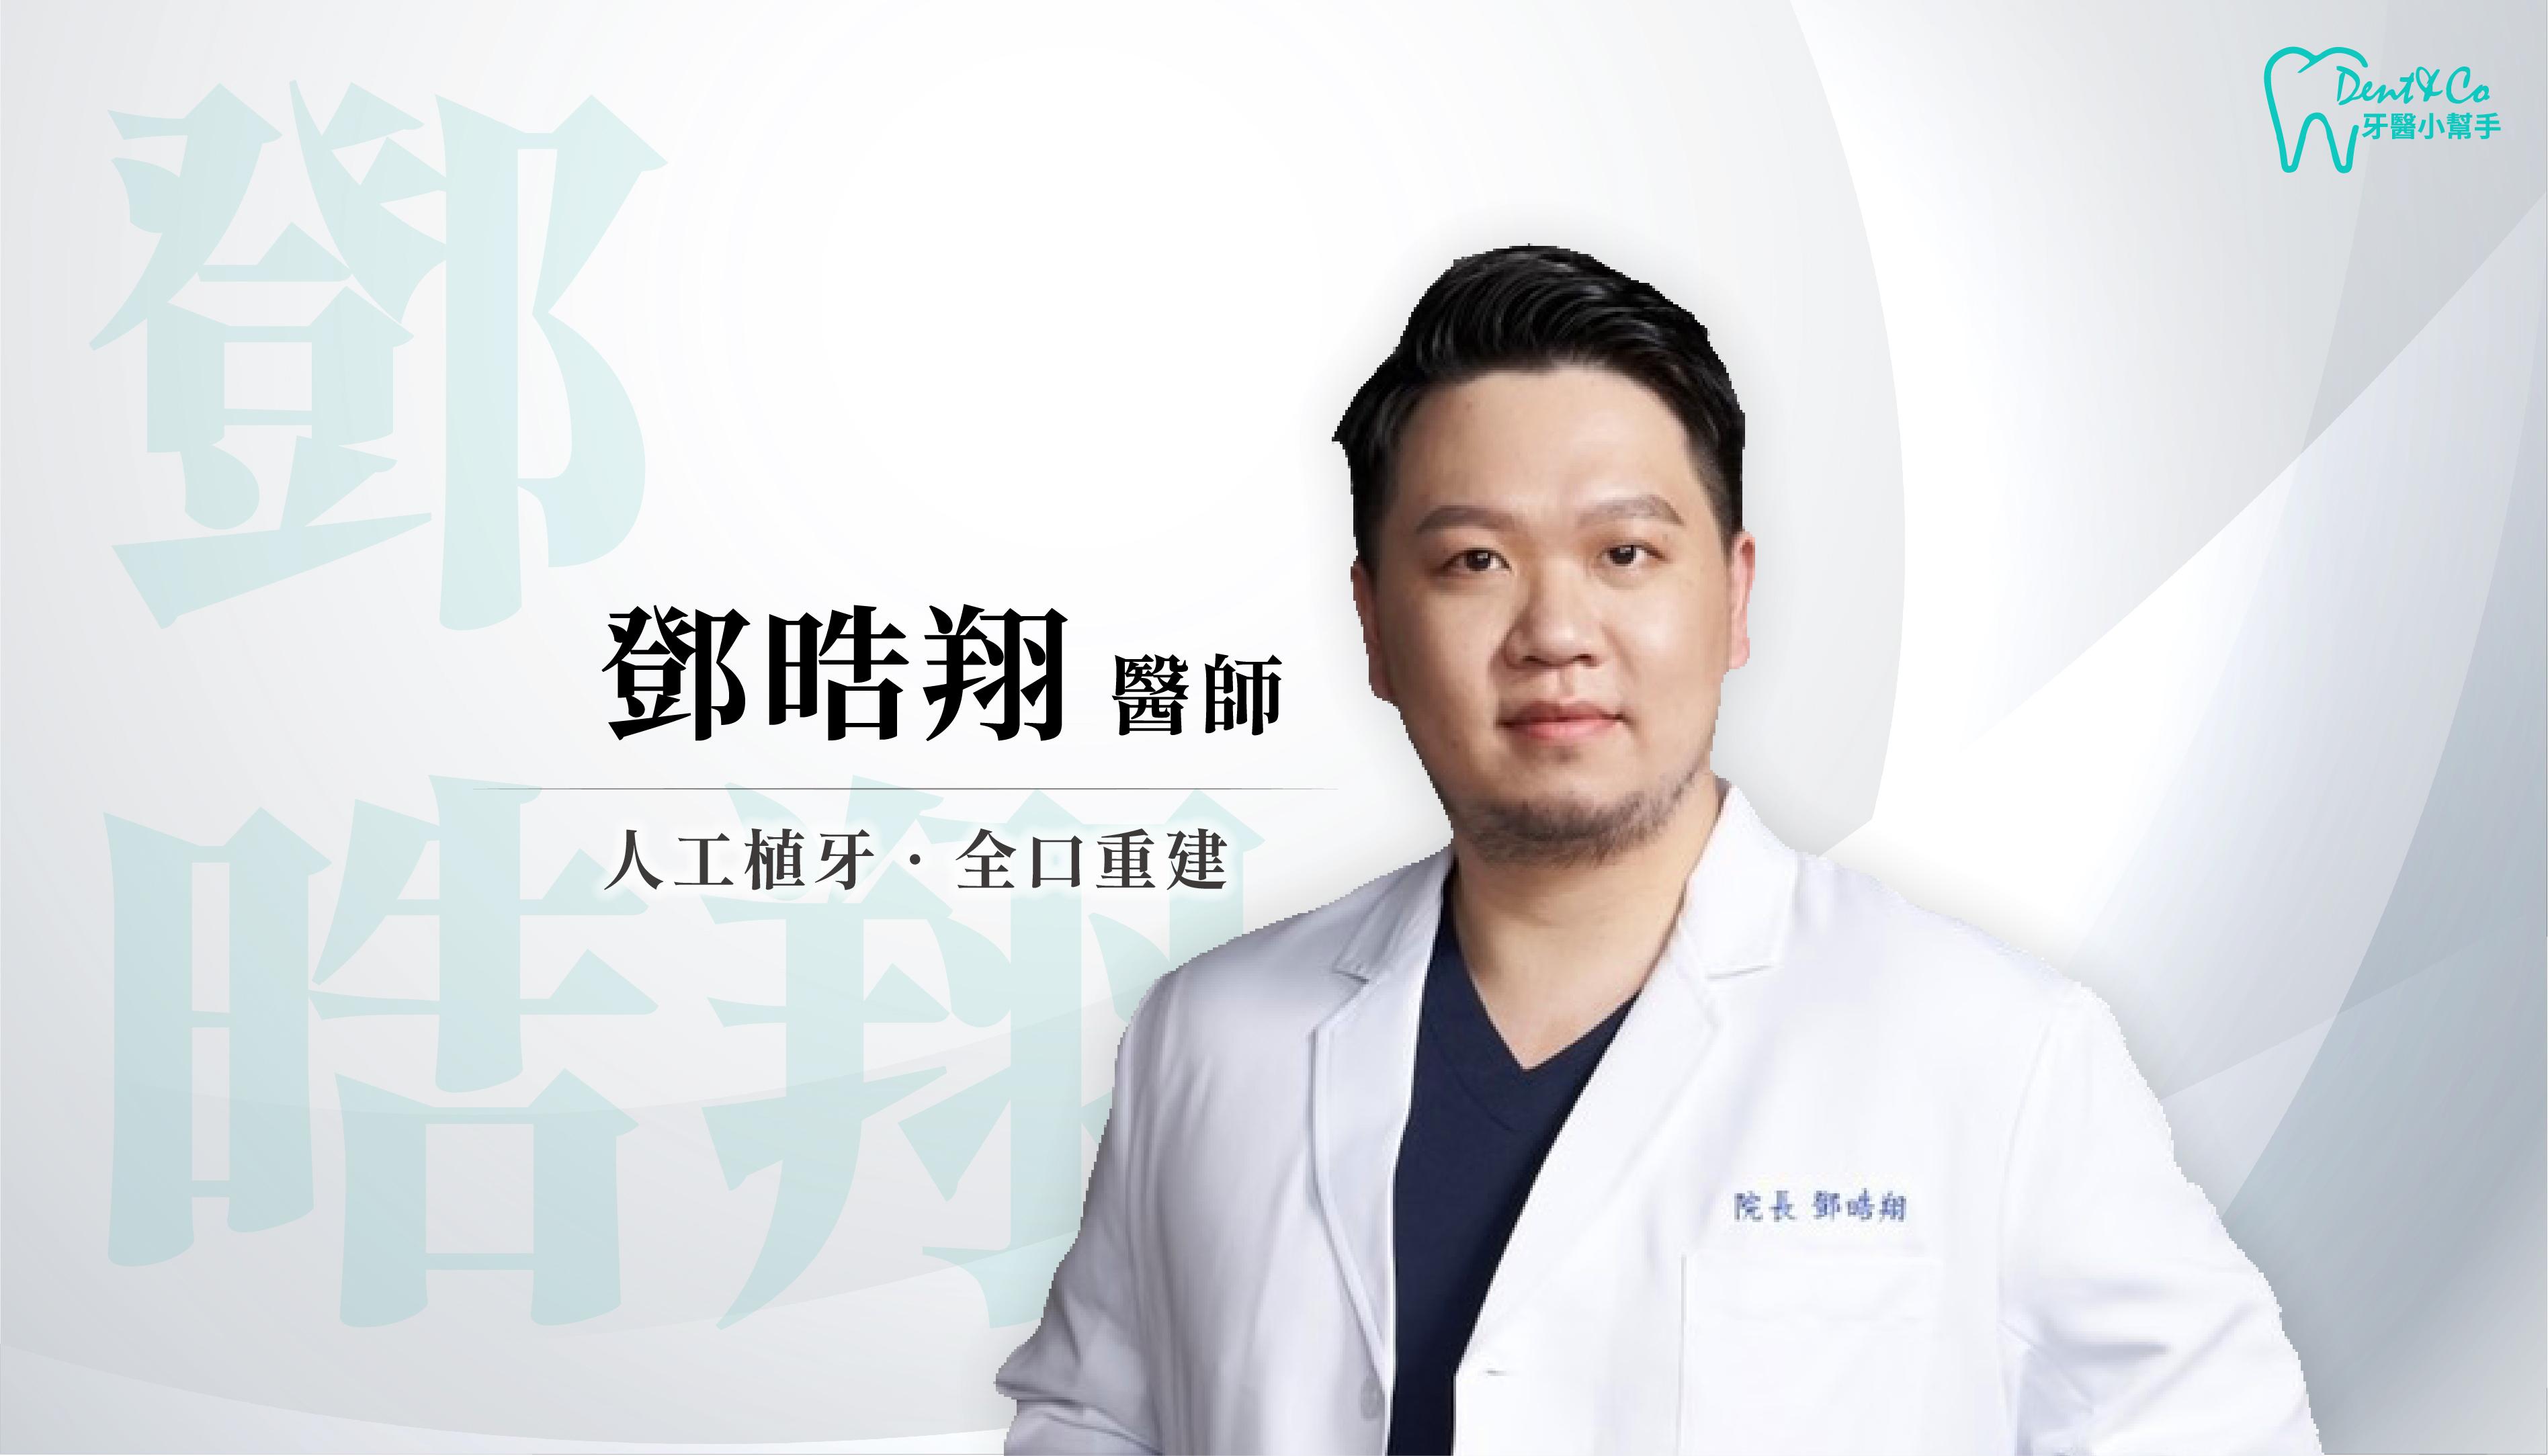 高雄鳳山植牙推薦_鄧晧翔醫師.png